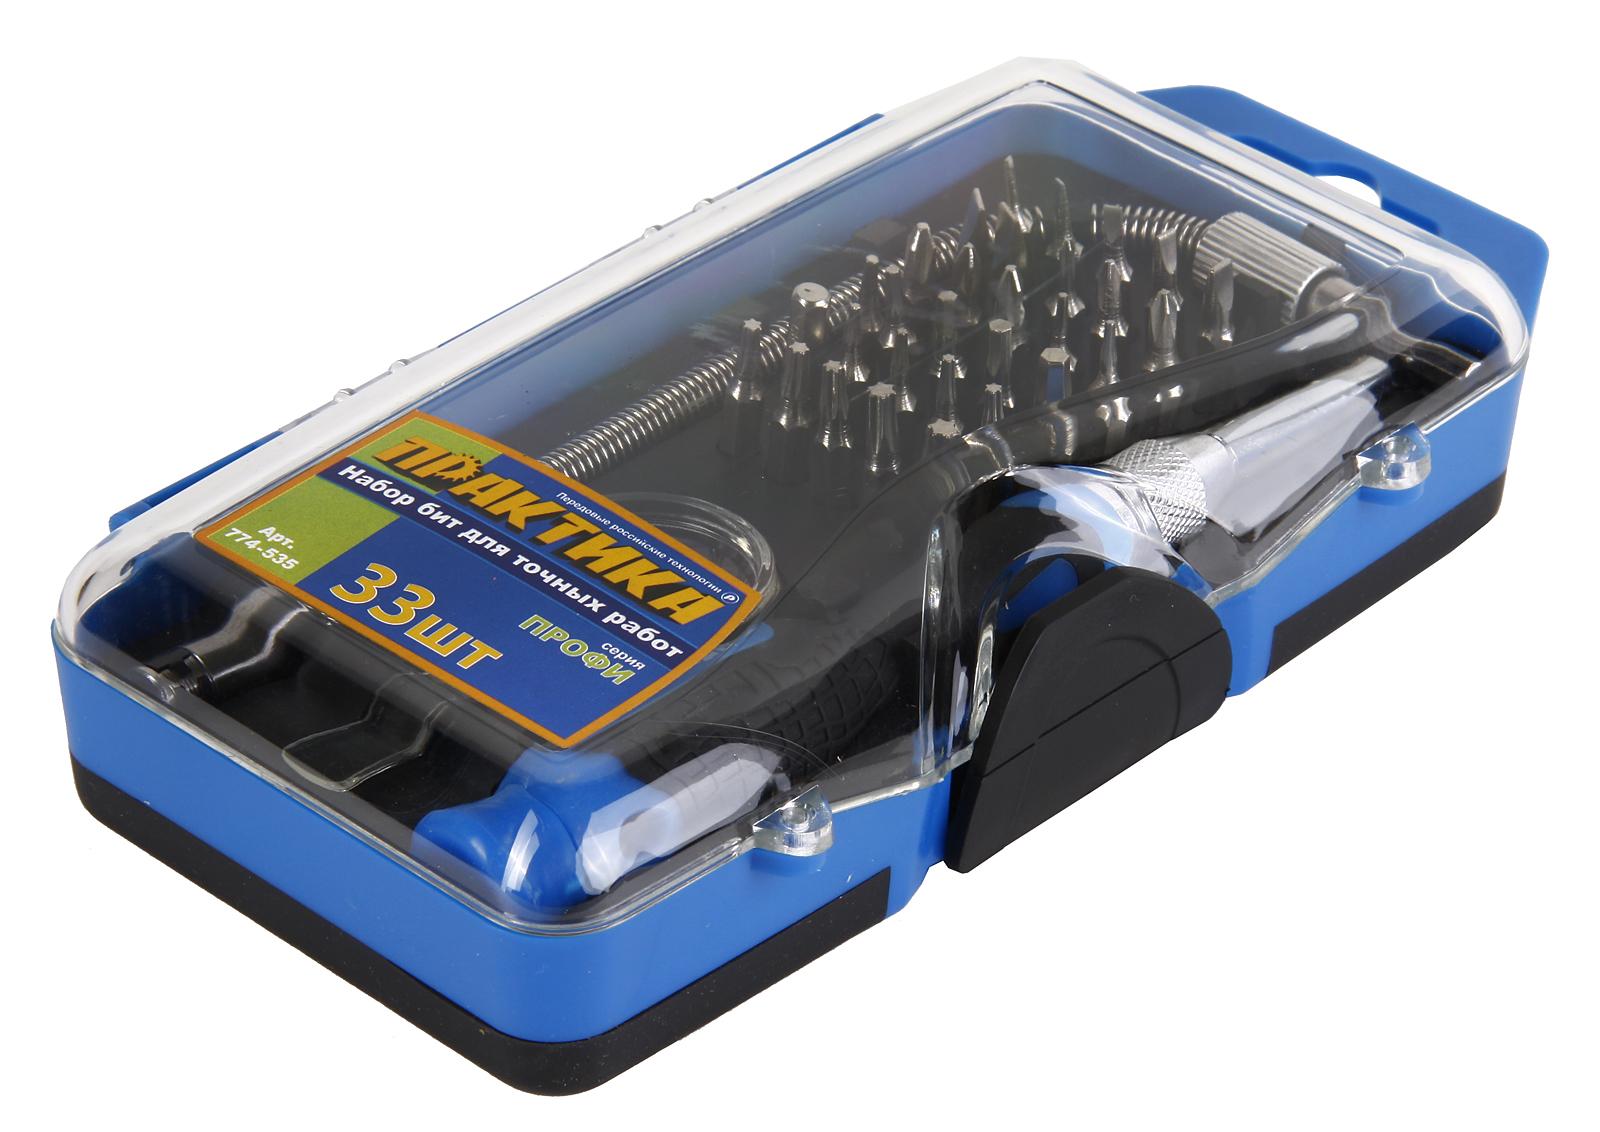 Отвертка  с набором бит для точной работы 33 шт. ПРАКТИКА 774-535 мини, с набором бит 33 шт.